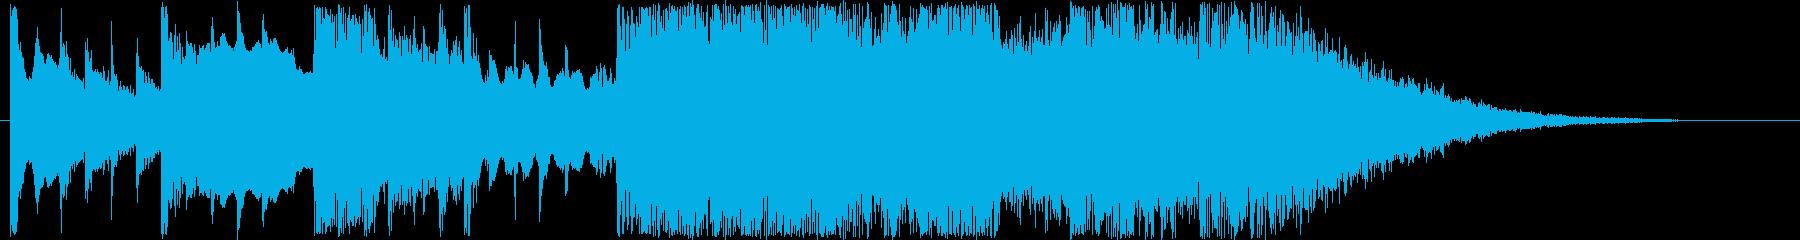 爽やかなシンセサウンド短めの再生済みの波形